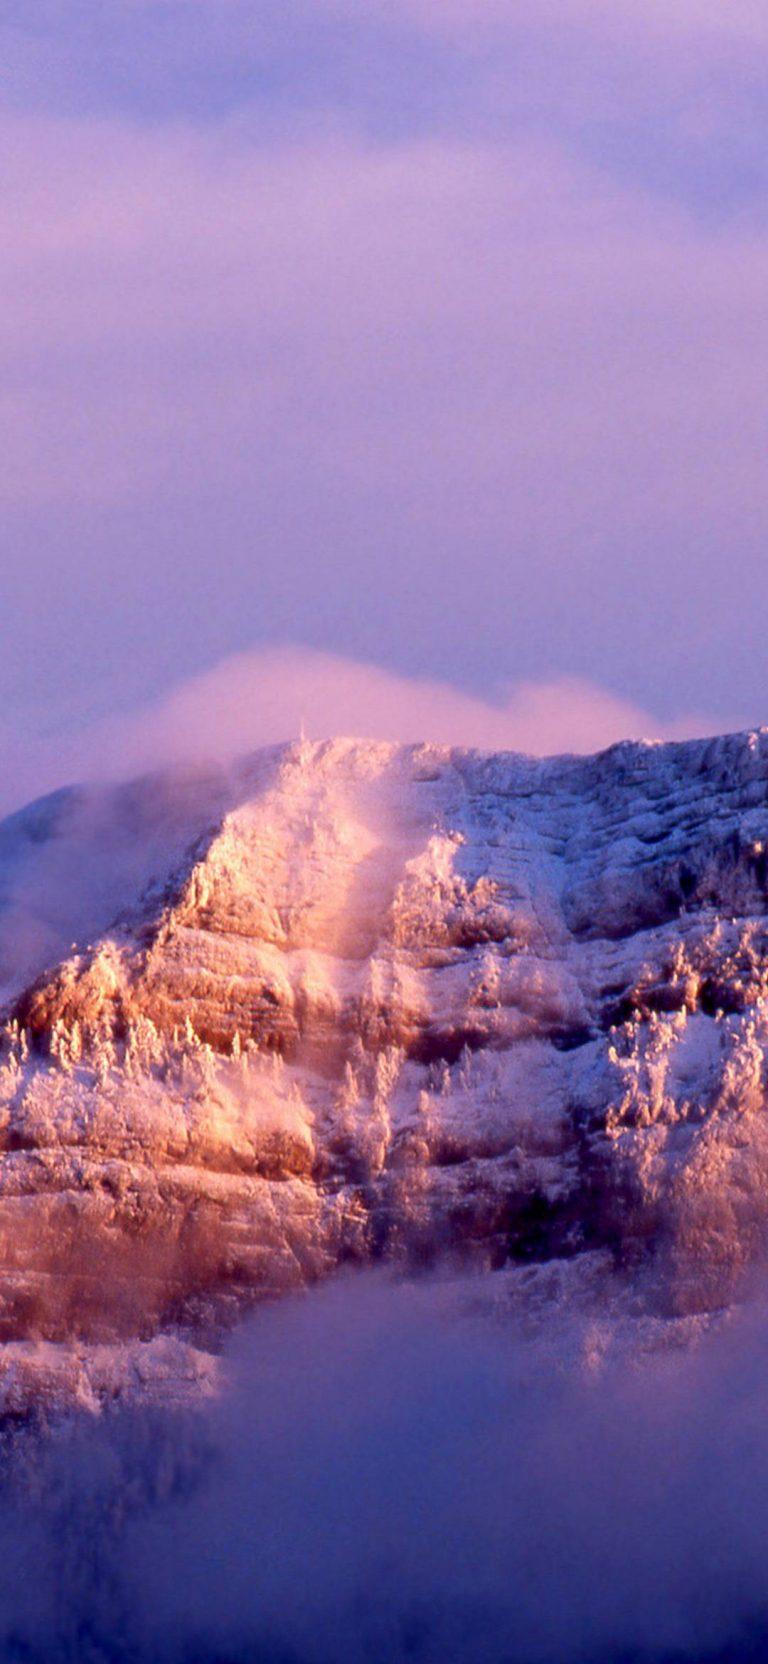 Snowy Peak In The Clouds 1080x2340 768x1664